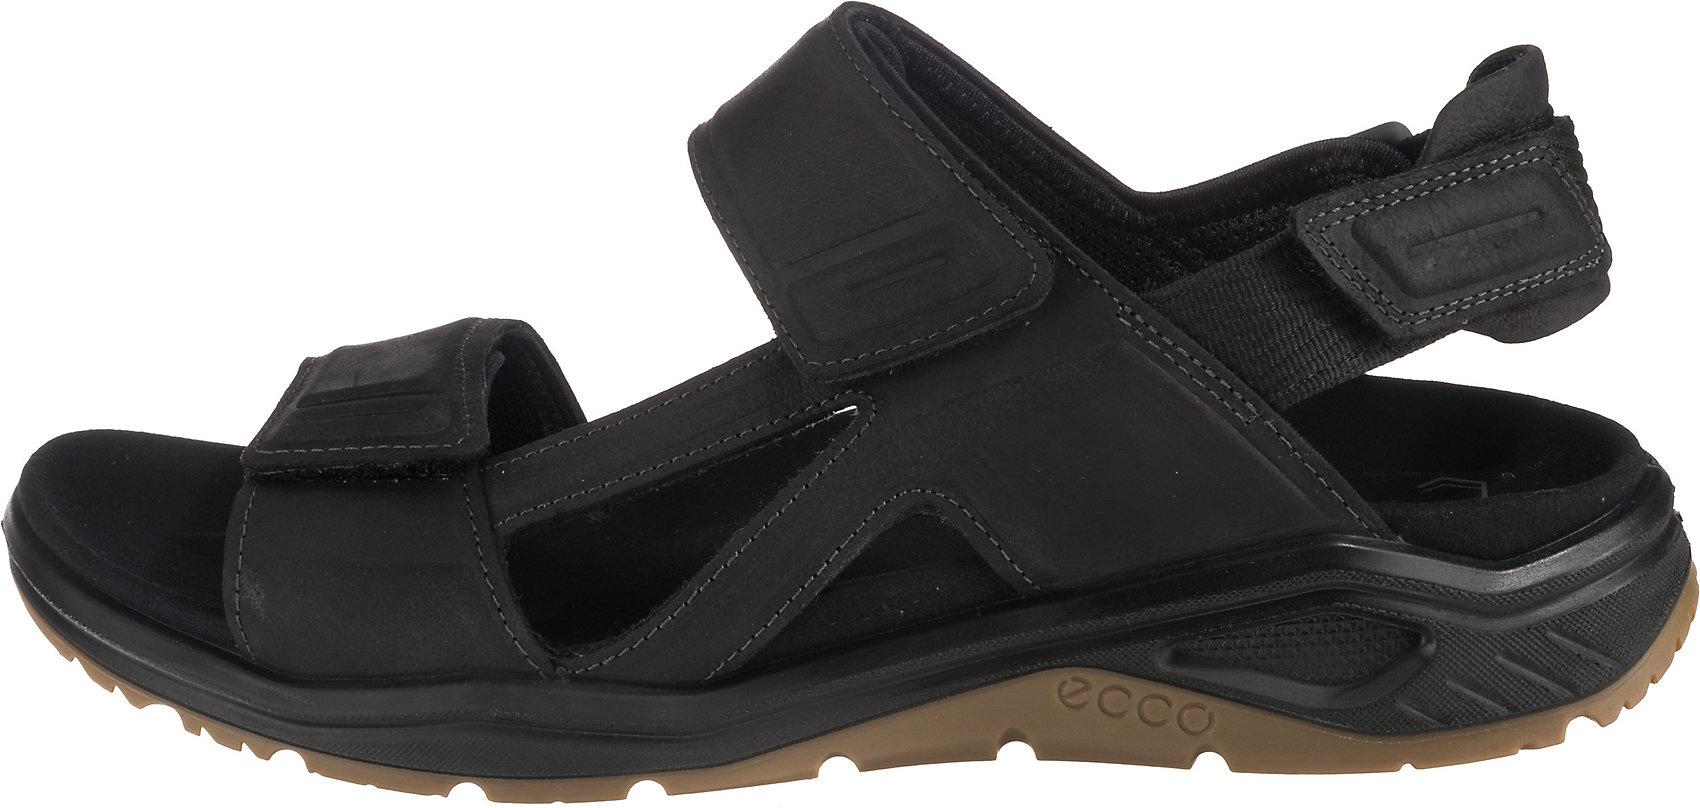 Ecco X TRINSIC Klassische Sandalen